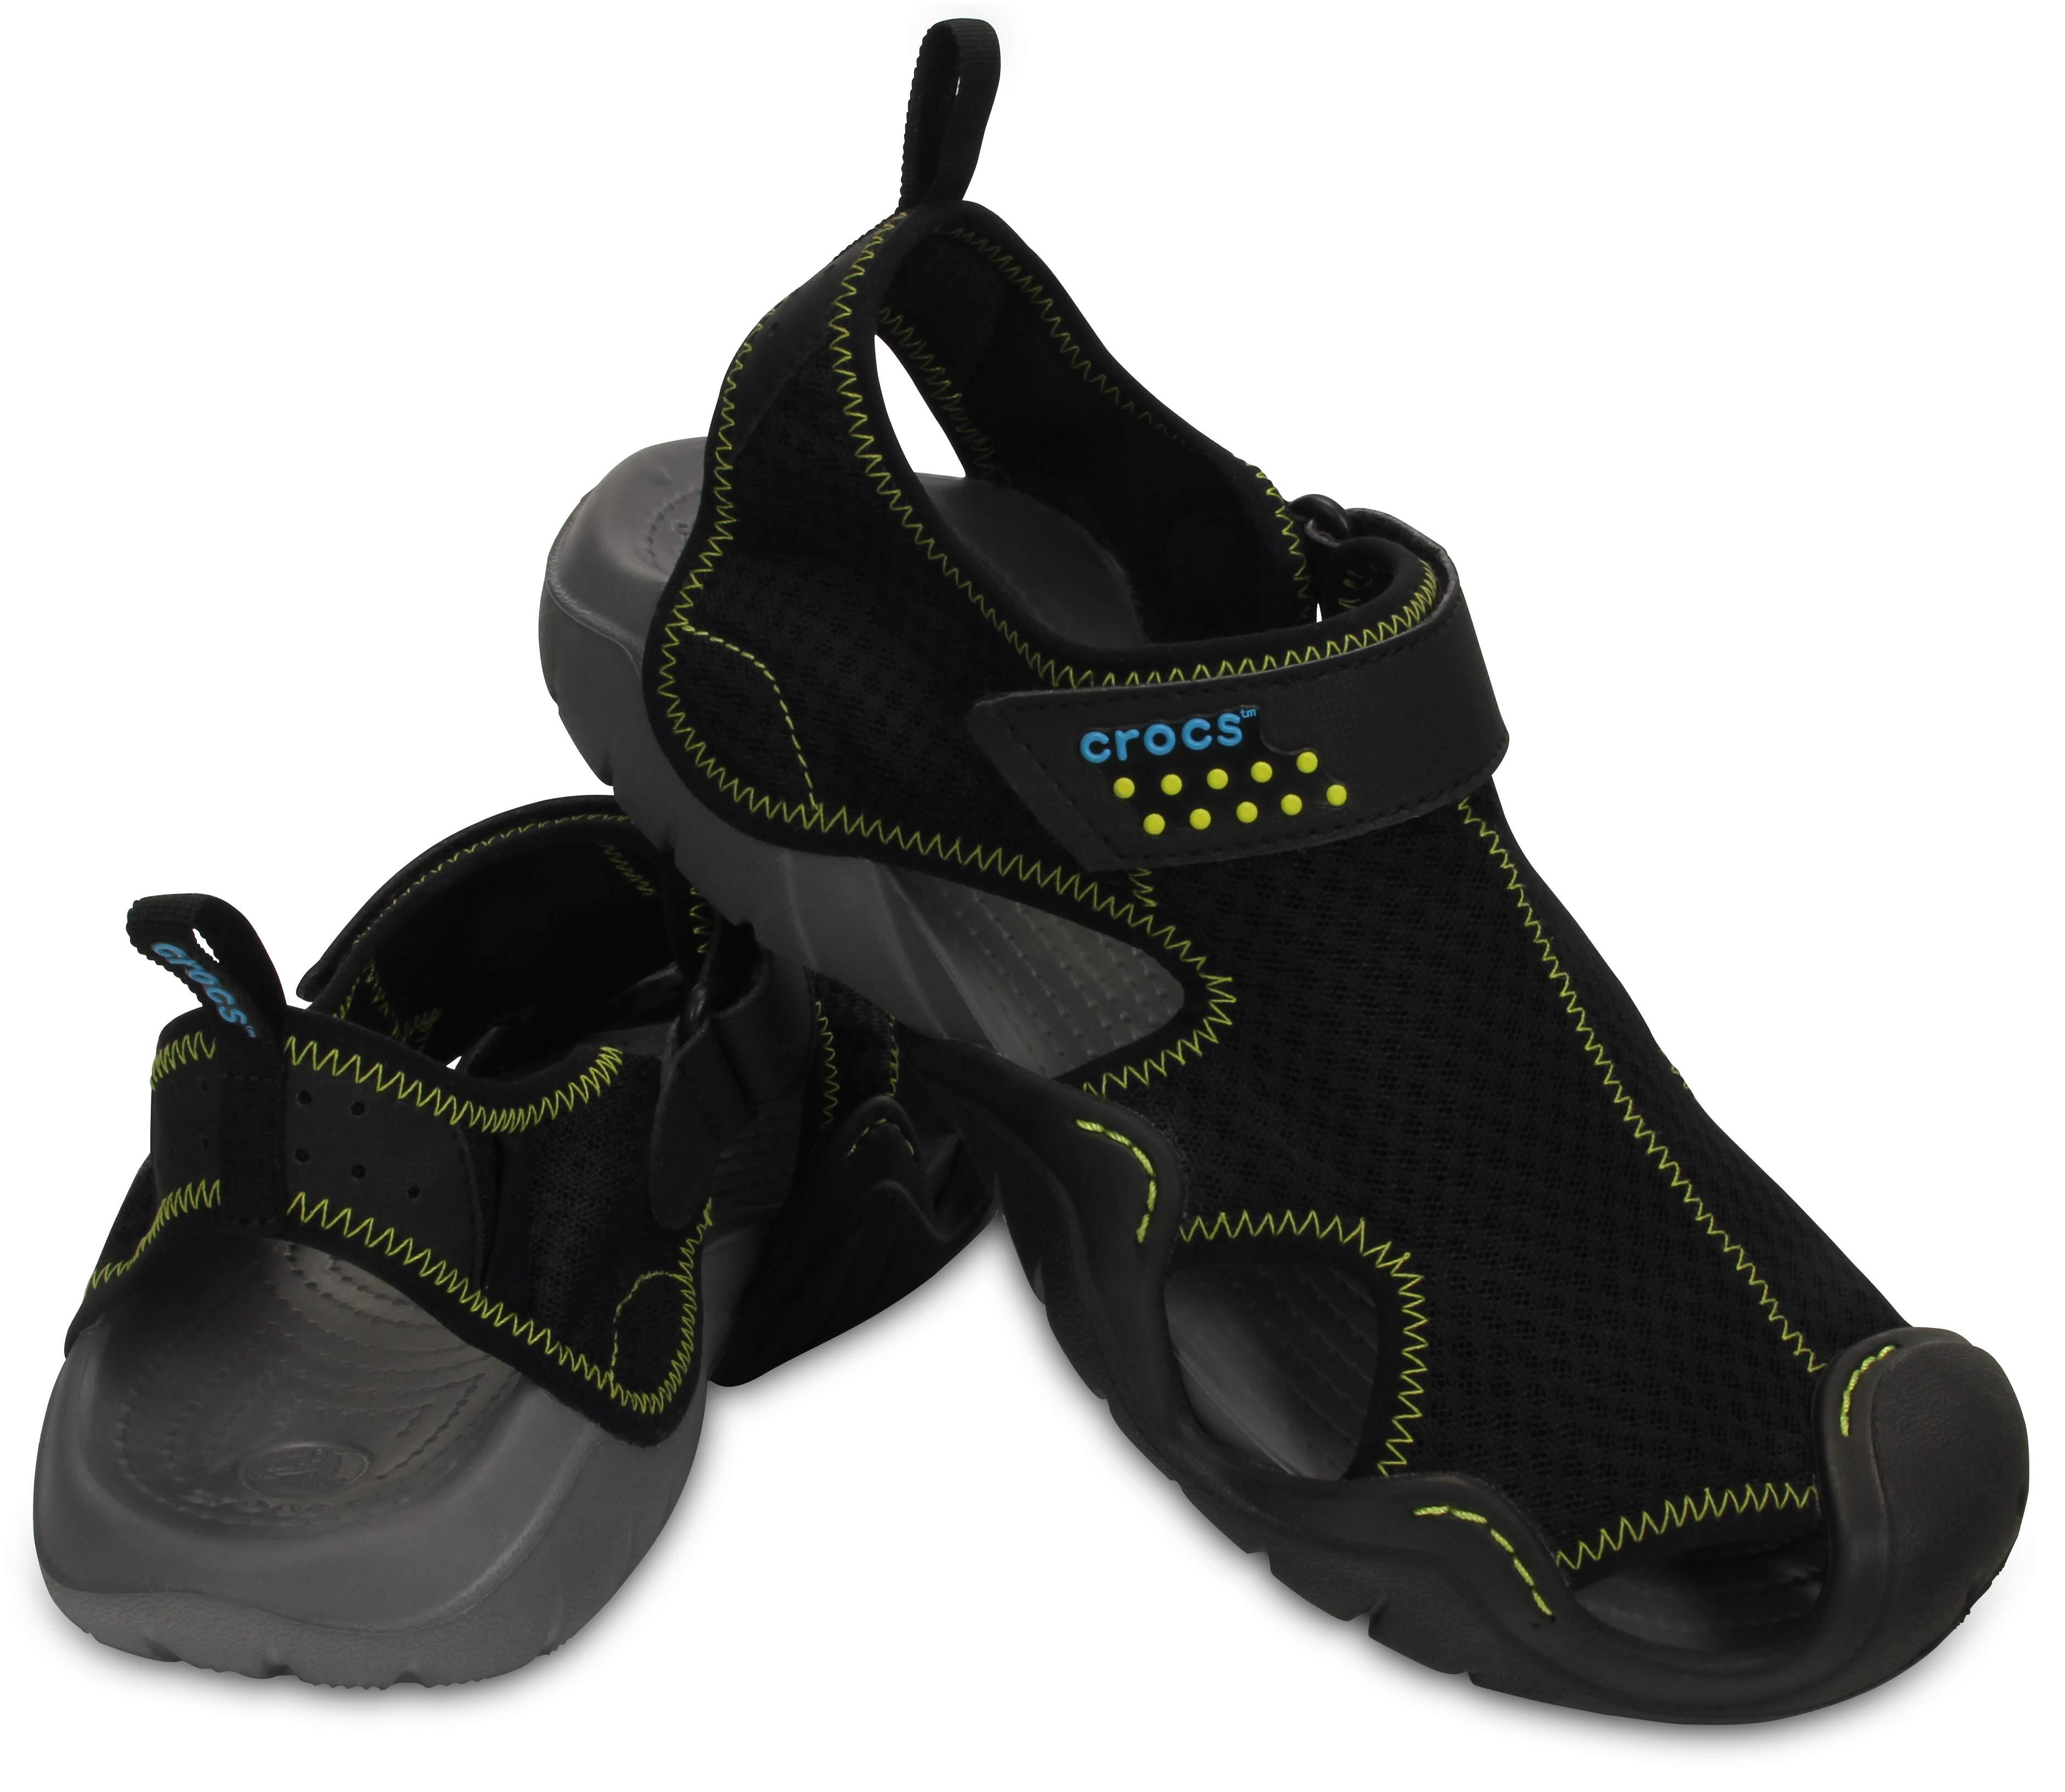 【クロックス公式】 スウィフトウォーター サンダル Men's Swiftwater Sandal メンズ、紳士、男性用 ブラック/黒 25cm,27cm,28cm,29cm sandal サンダル 30%OFF